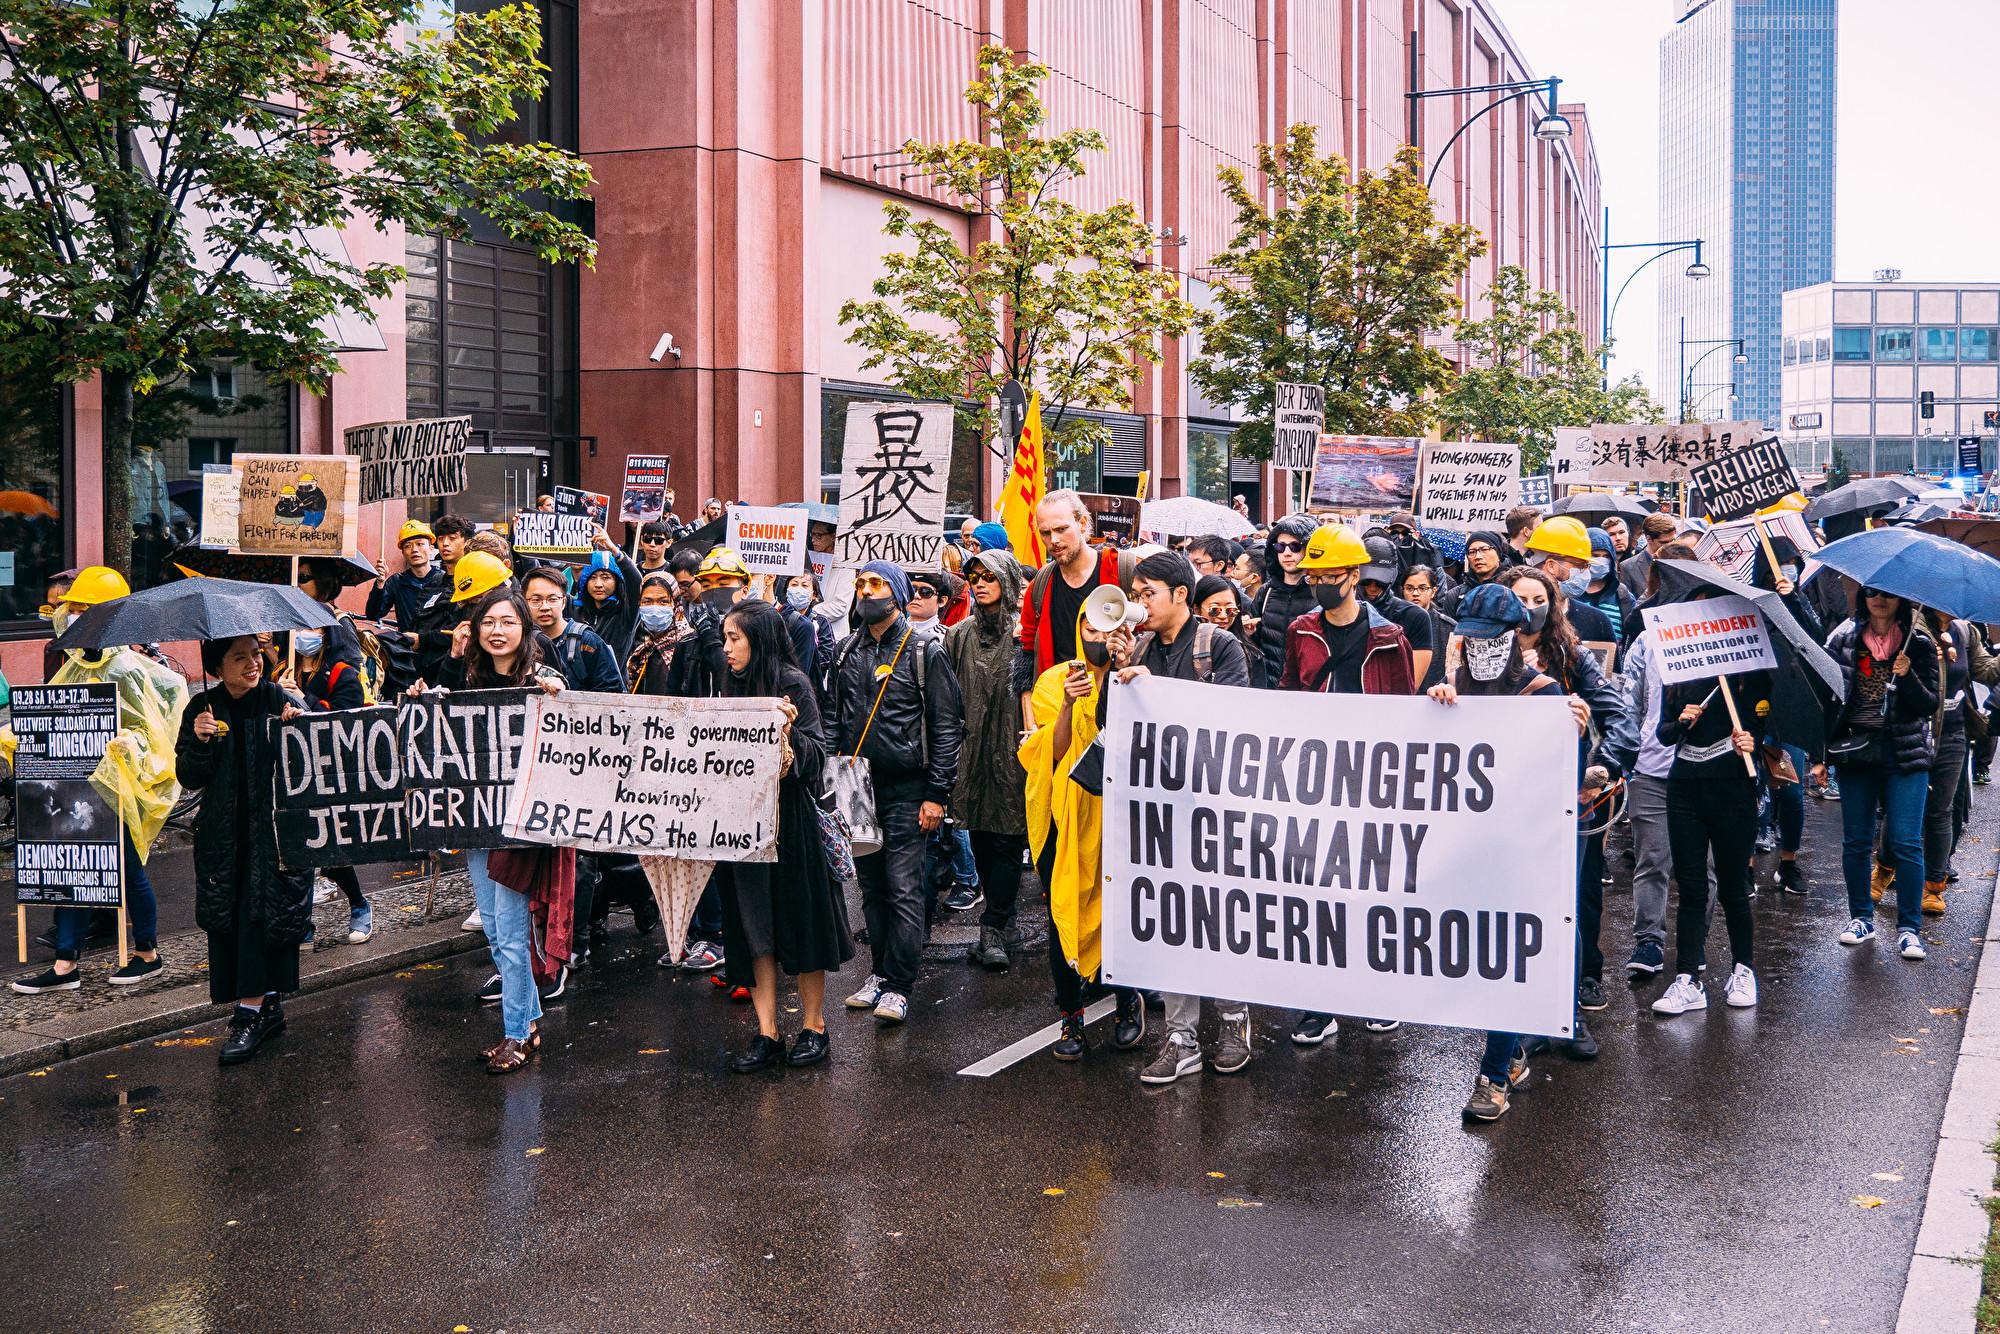 【時代革命】你是一個身處德國的香港人